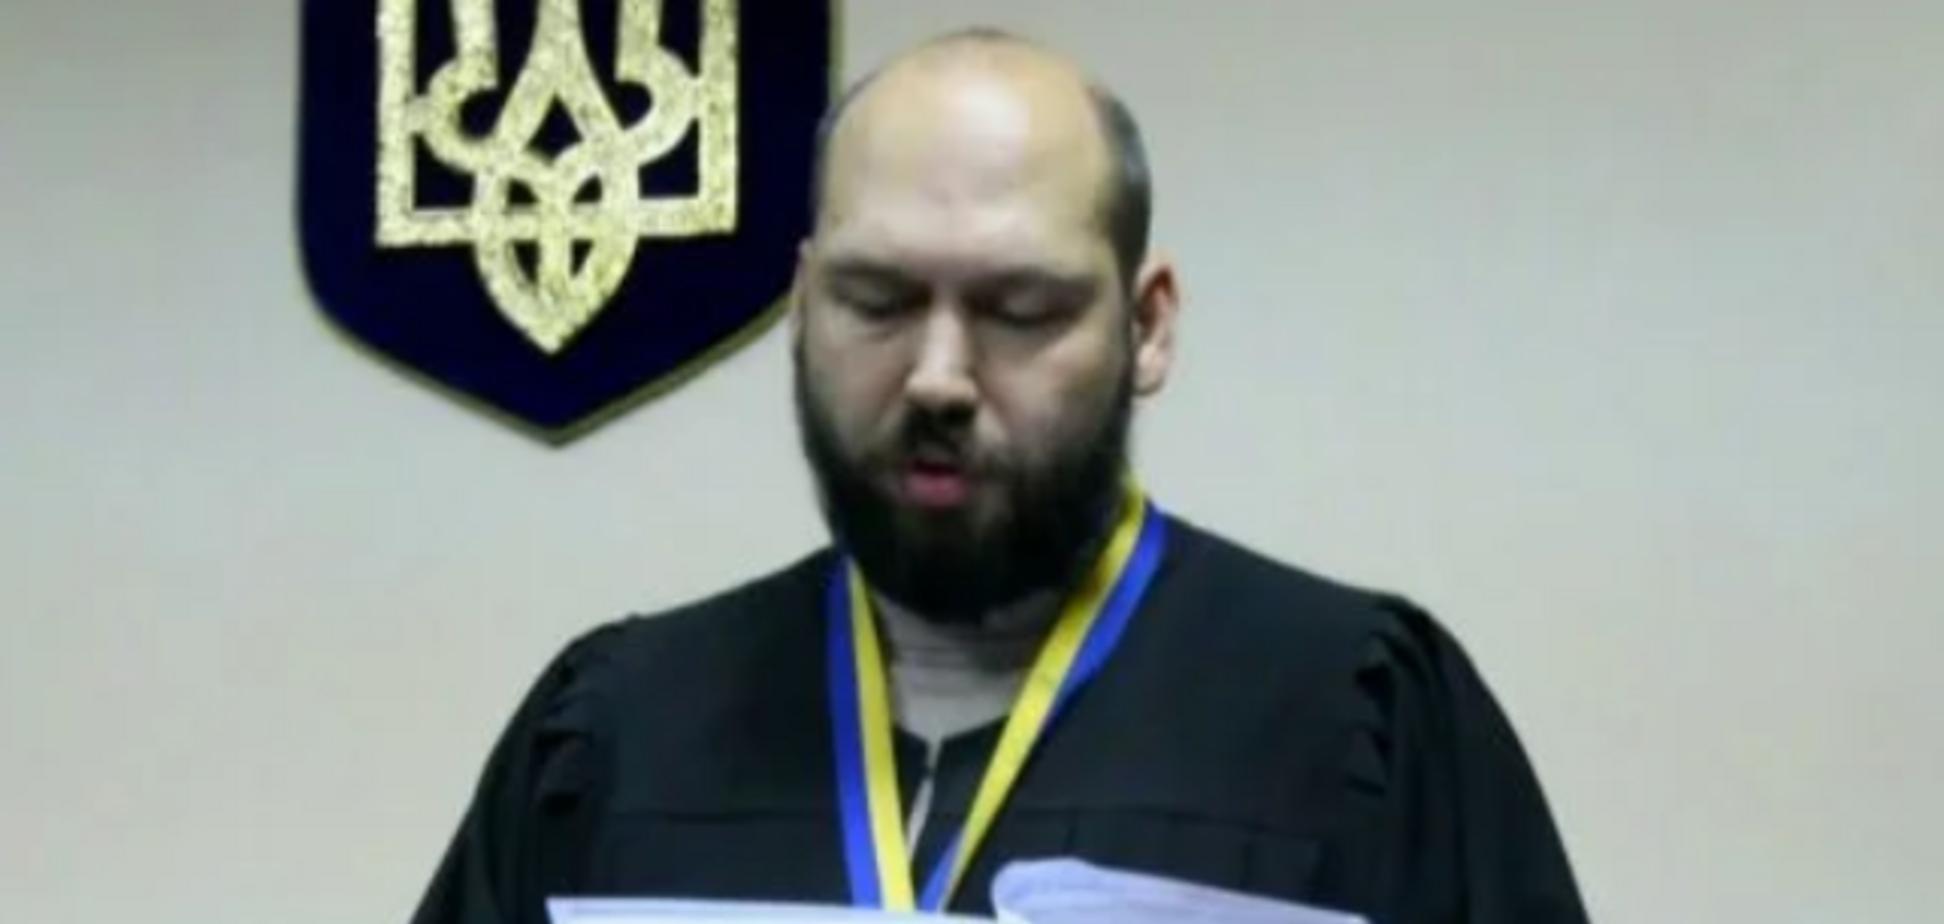 Судью по делу об убийстве Шеремета оправдали за старый 'грешок